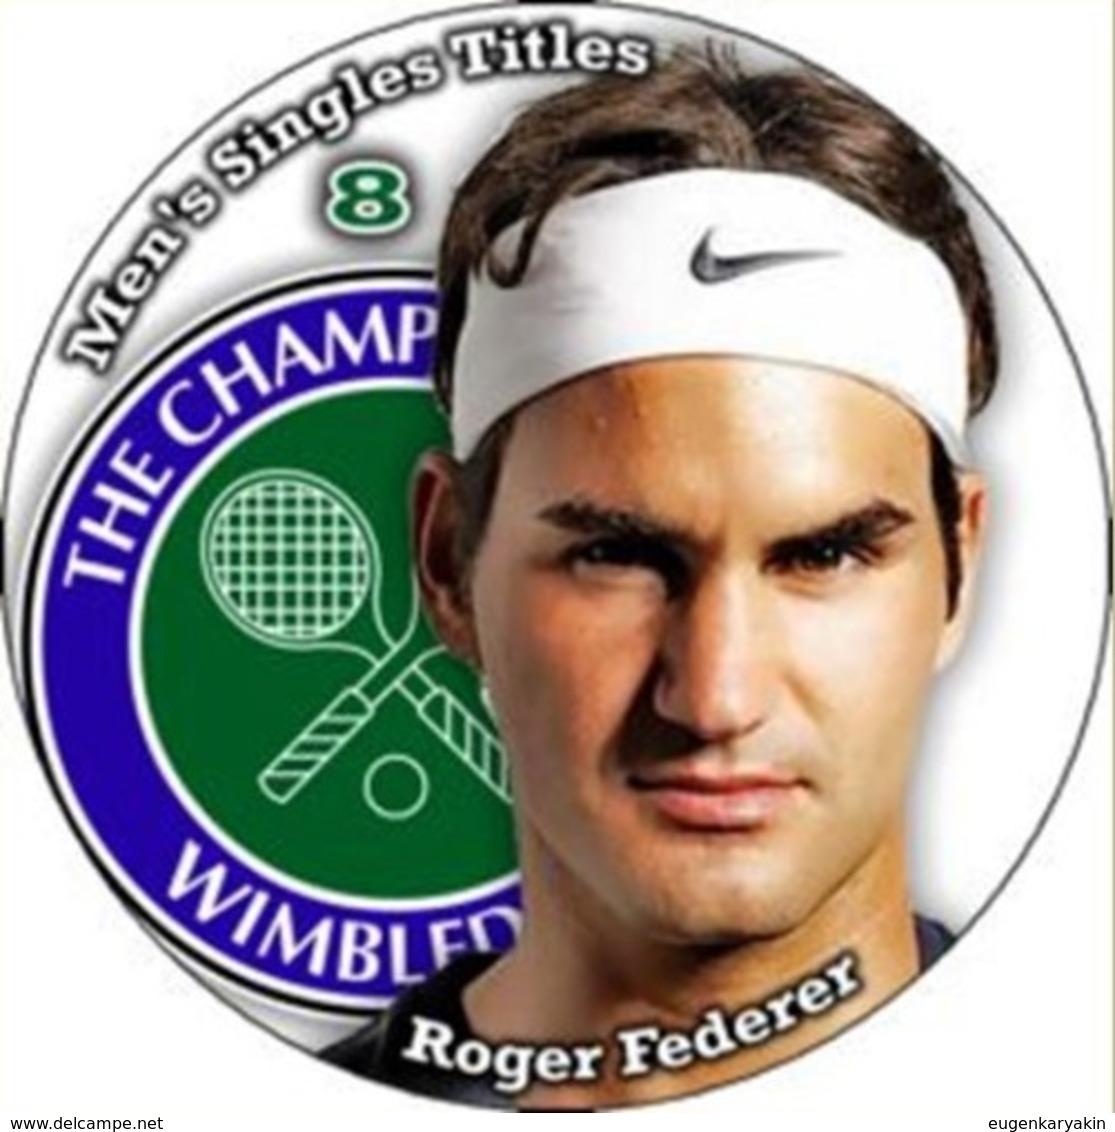 Pin Roger Federer Wimbledon 8 Men's Singles Titles - Tennis